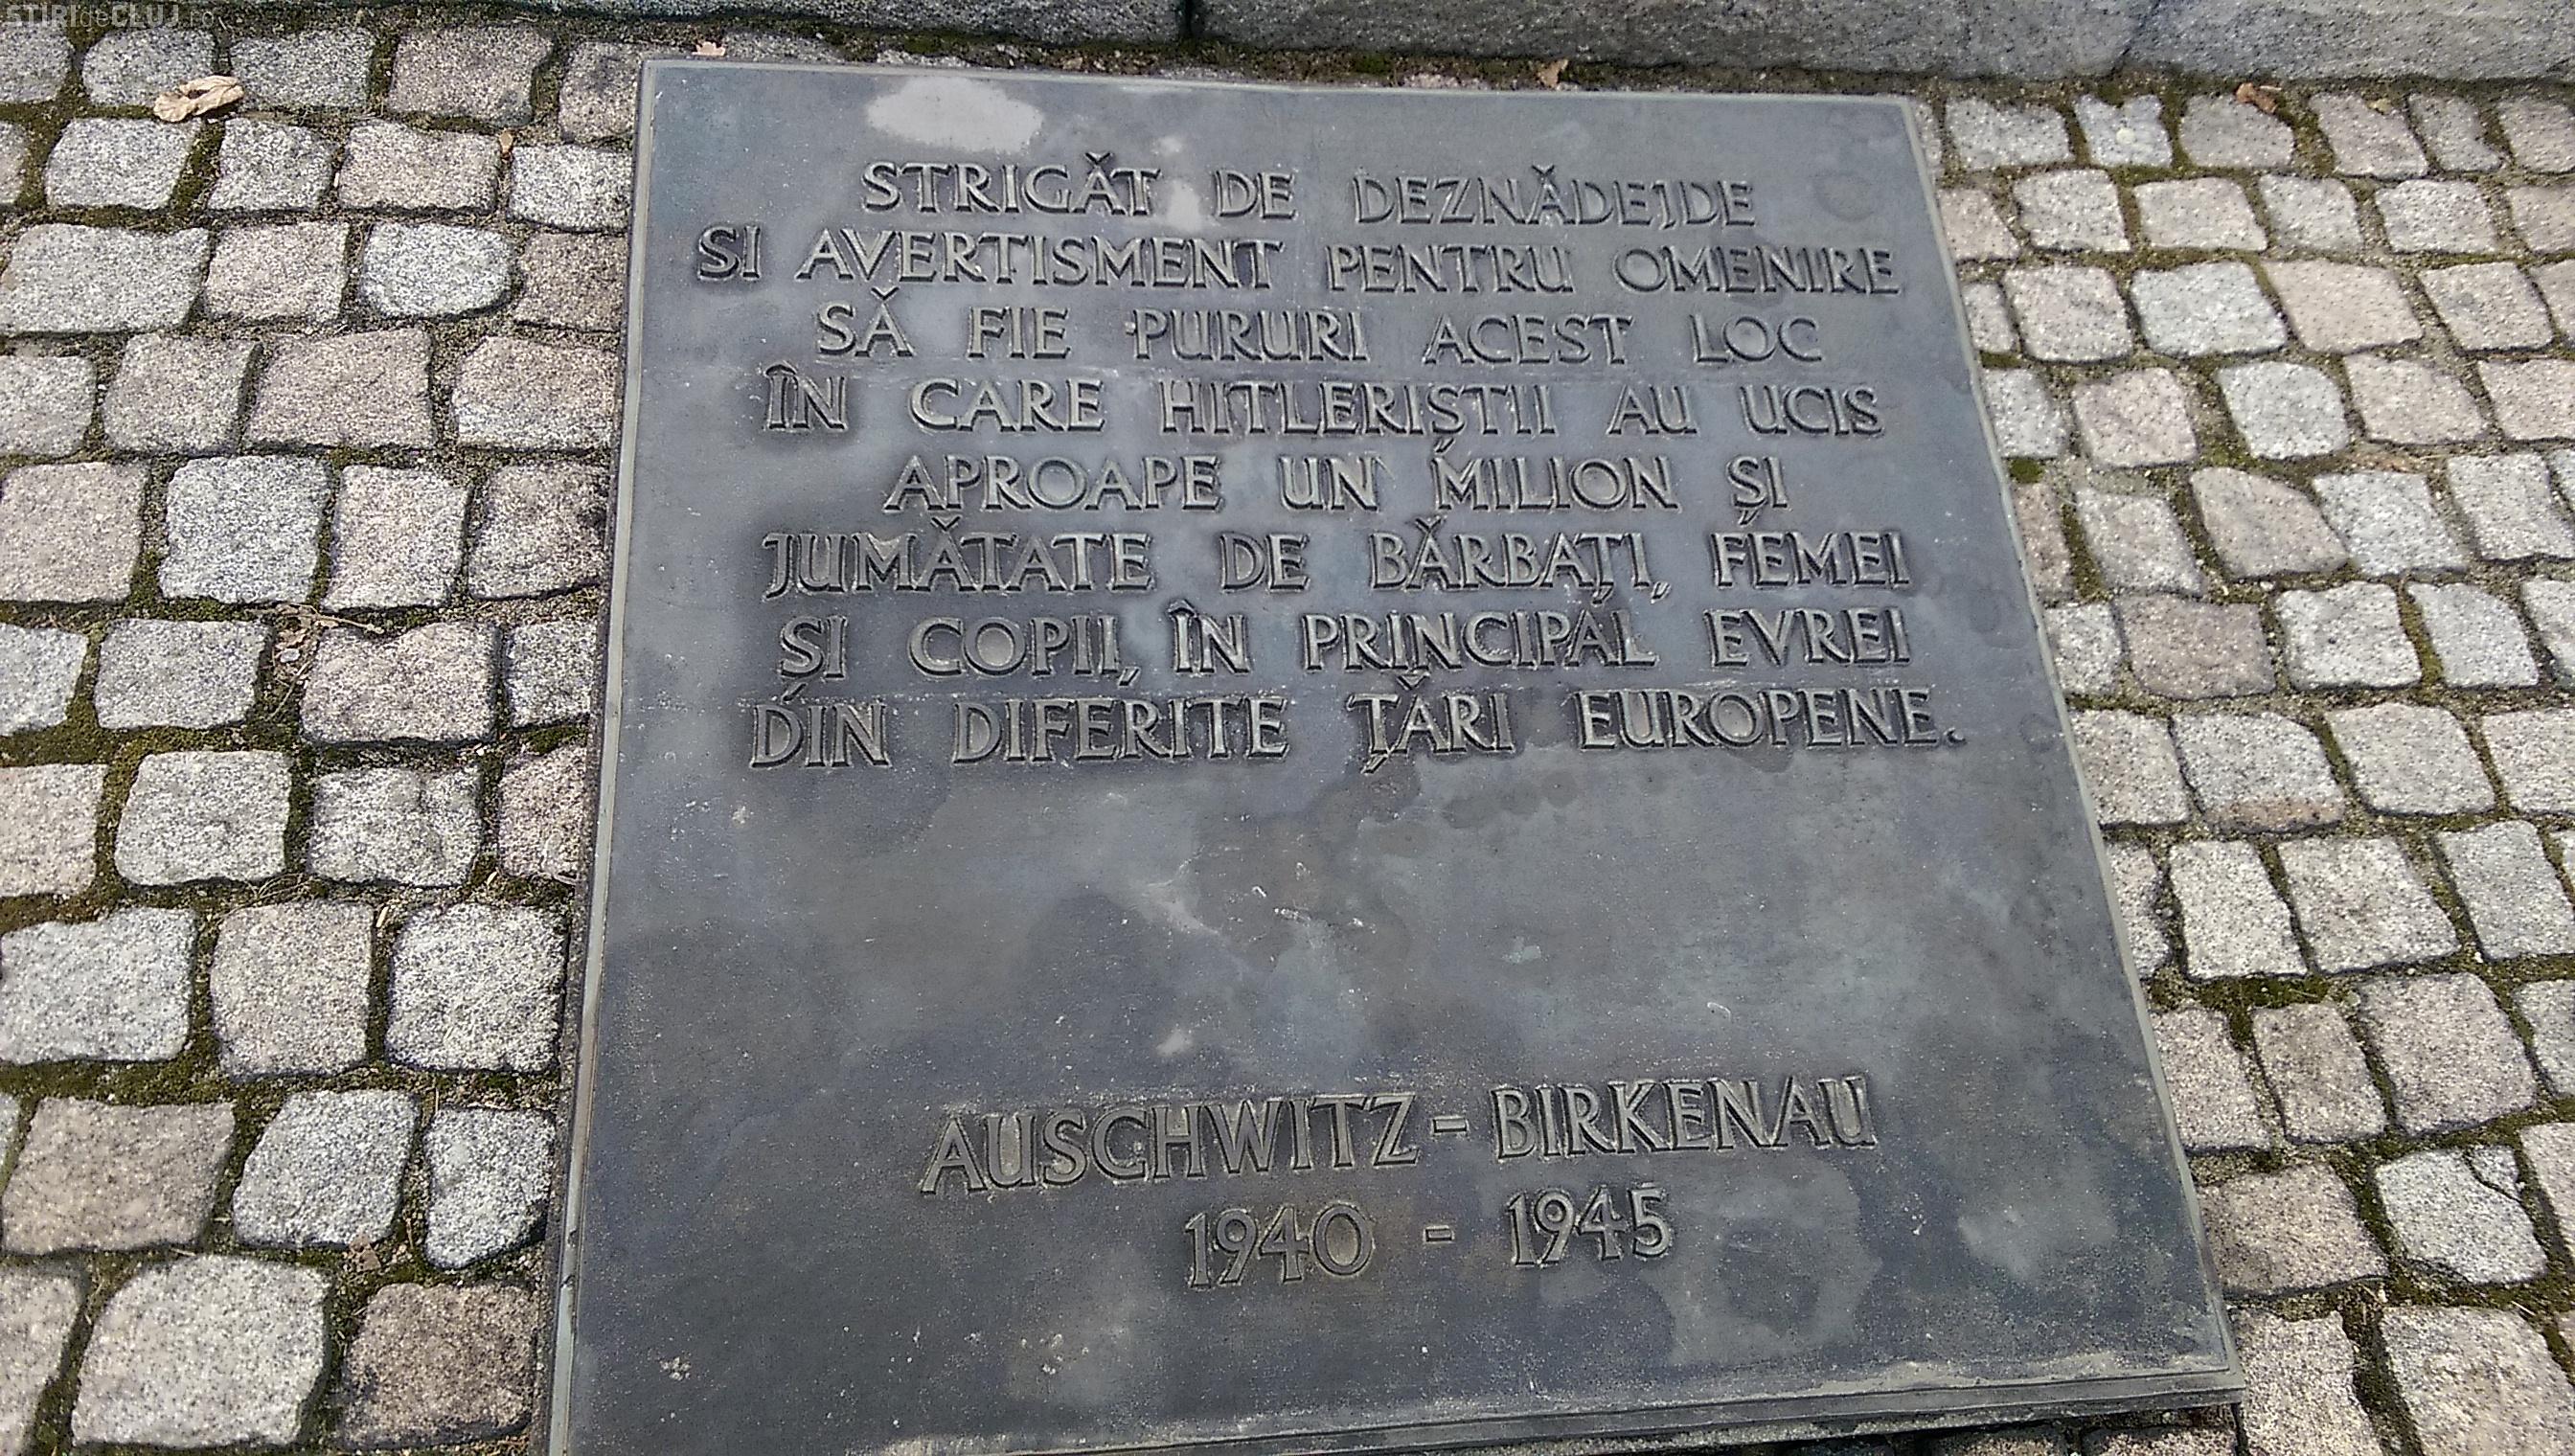 Elevii clujeni au fost în vizită la lagărul de la Auschwitz-Birkenau - FOTO